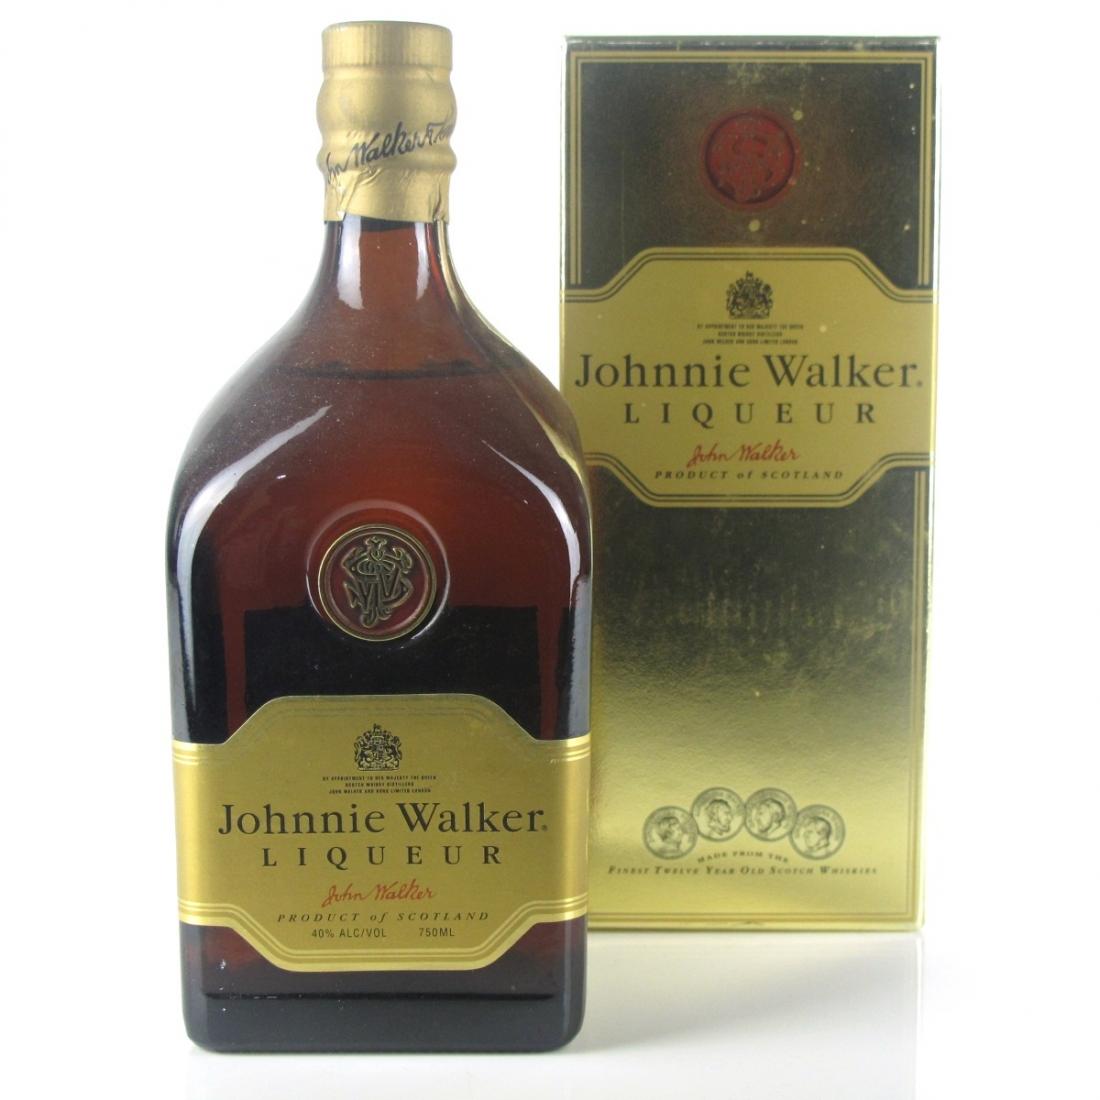 Johnnie Walker Liqueur